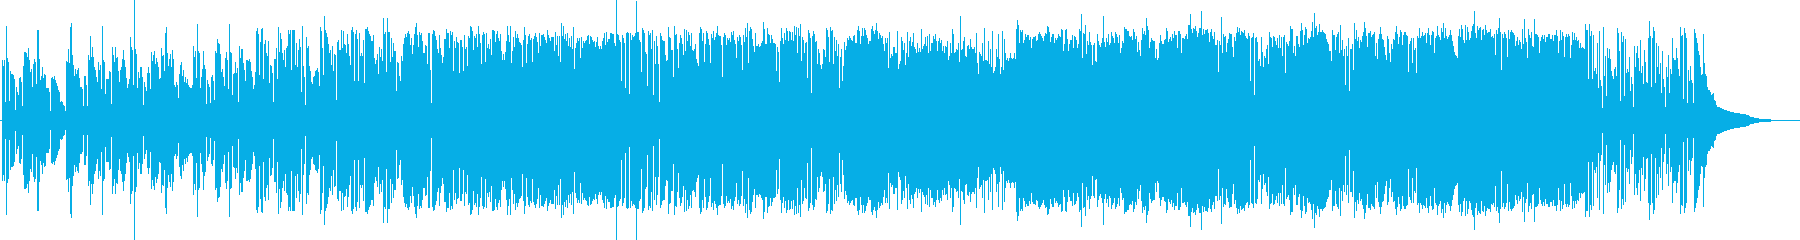 ドラムンベースロック。重いタテノリロックの再生済みの波形